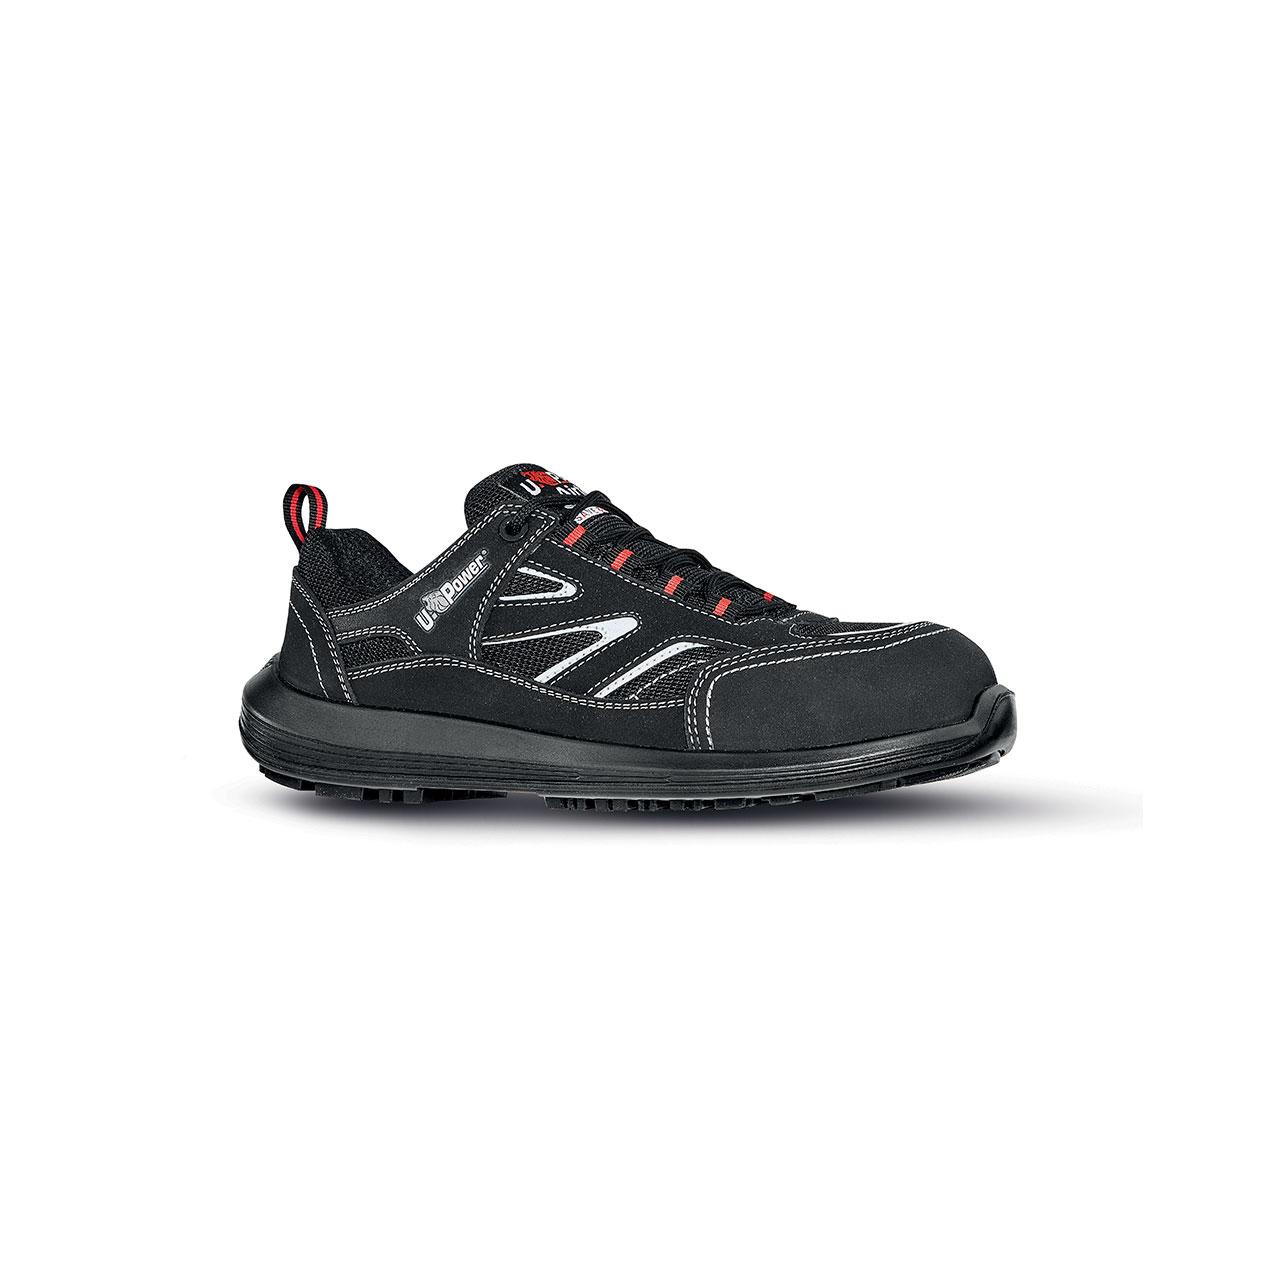 scarpa antinfortunistica upower modello dardo linea rock_roll vista laterale